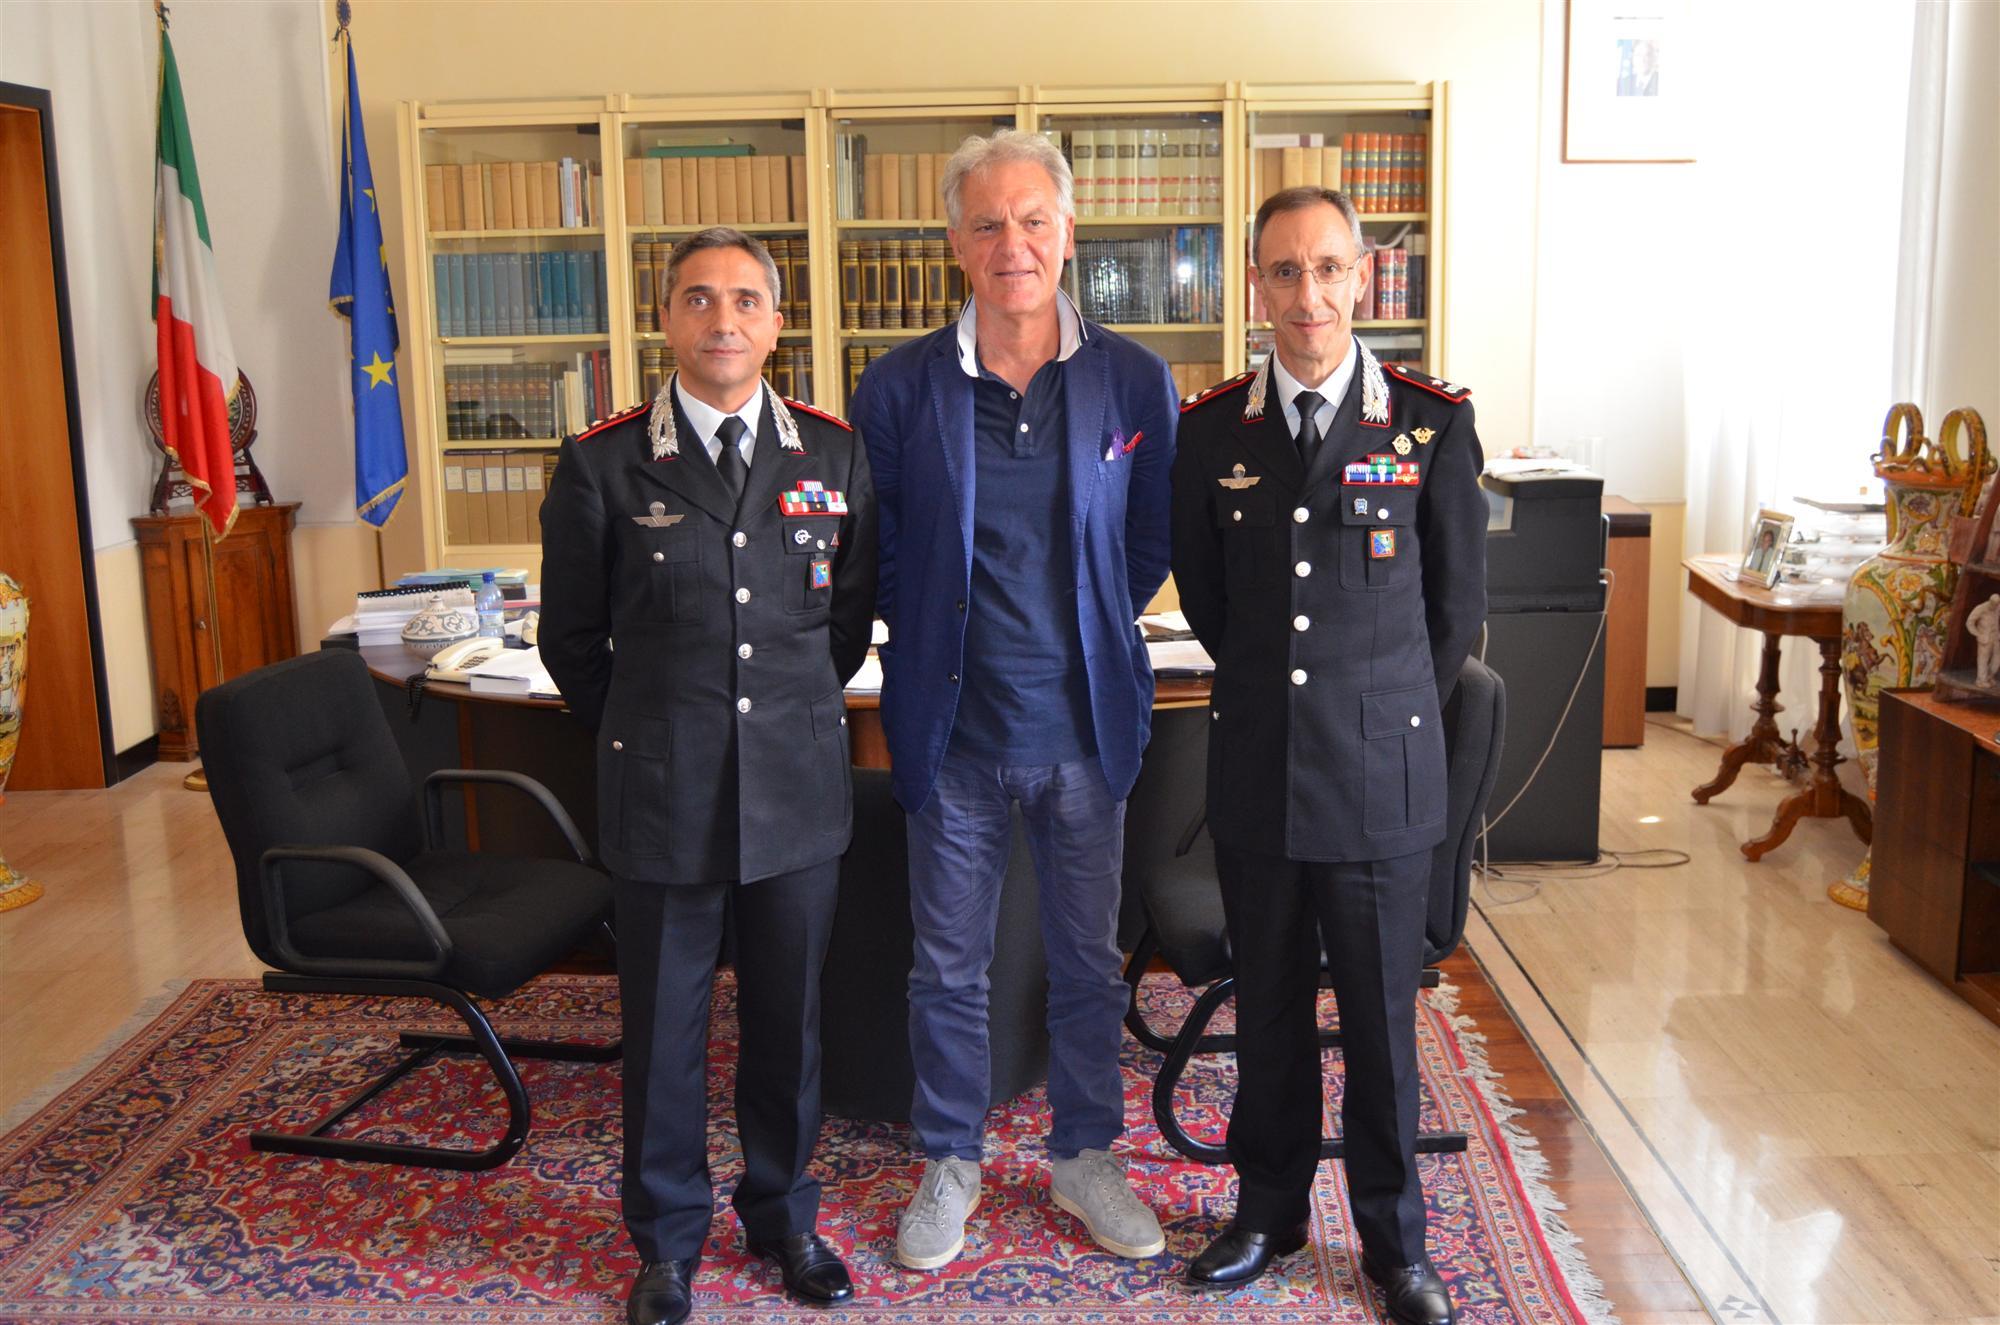 Incontro Comandante Legione CC Marche Mochi